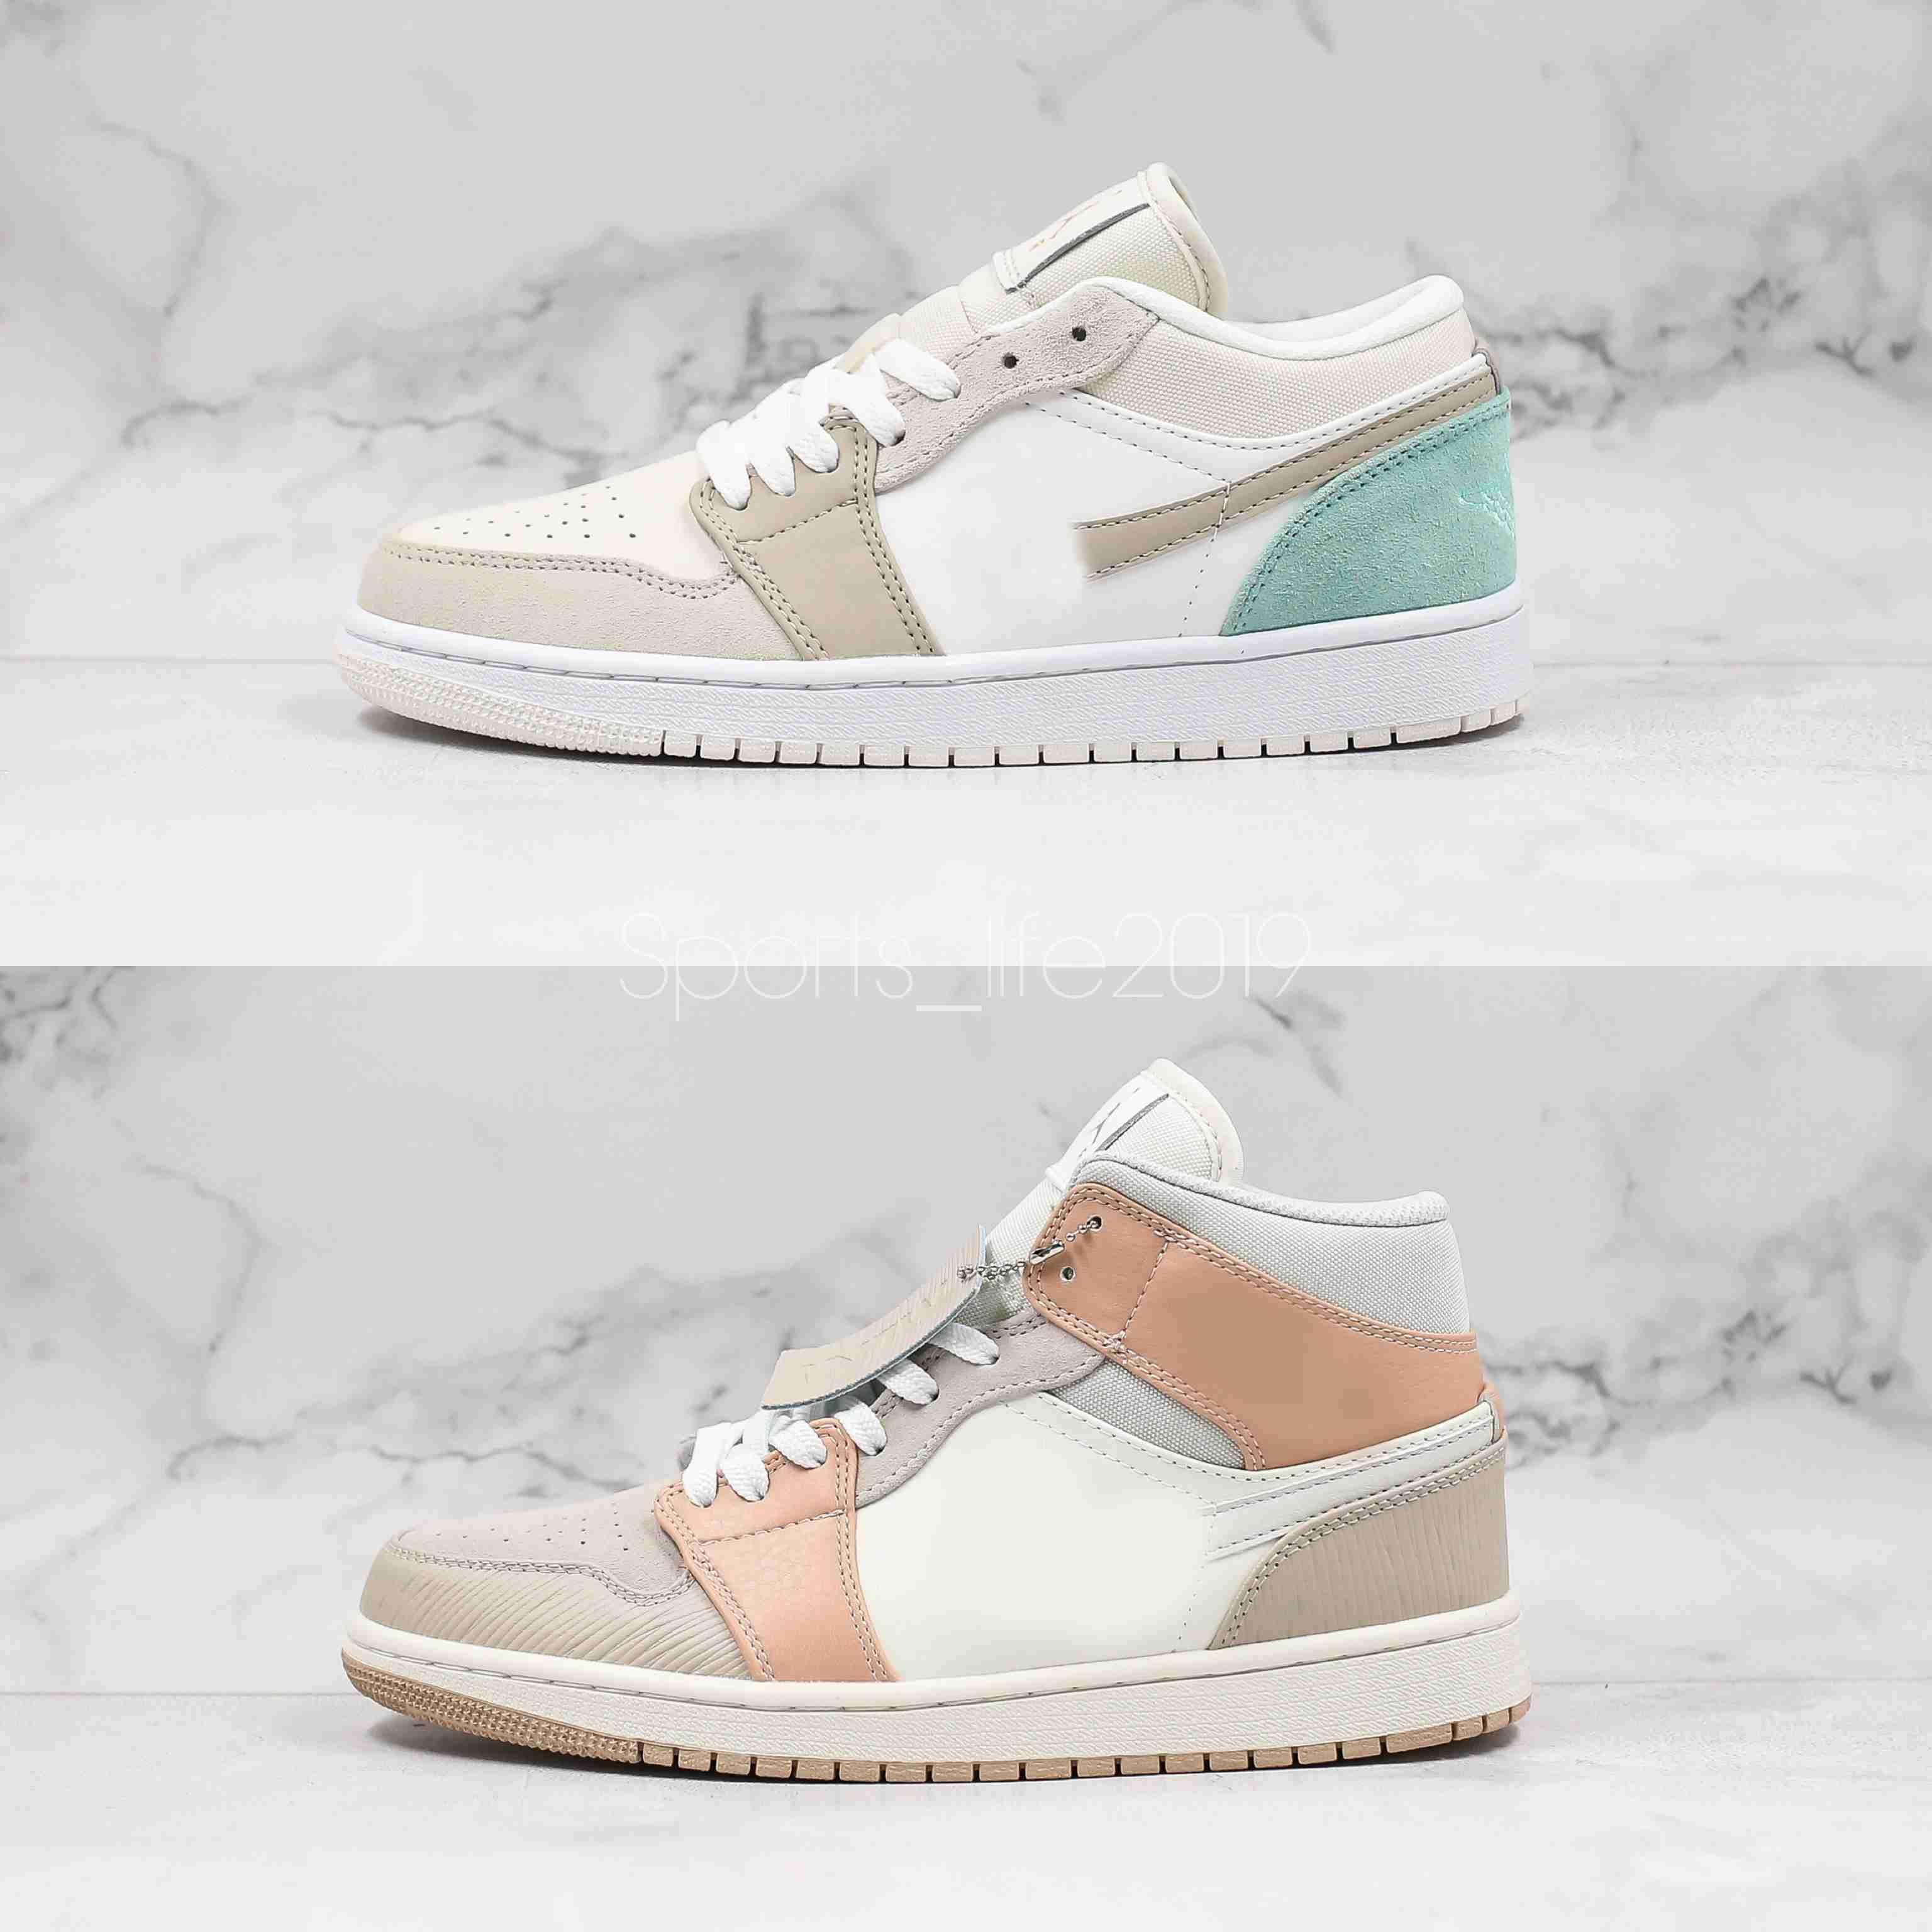 2020 Nuovo 1 Milano Mid pallacanestro 1s Designer Shoes Parigi Low Uomo Formatori donne di sport scarpe da tennis Taglia 36-46